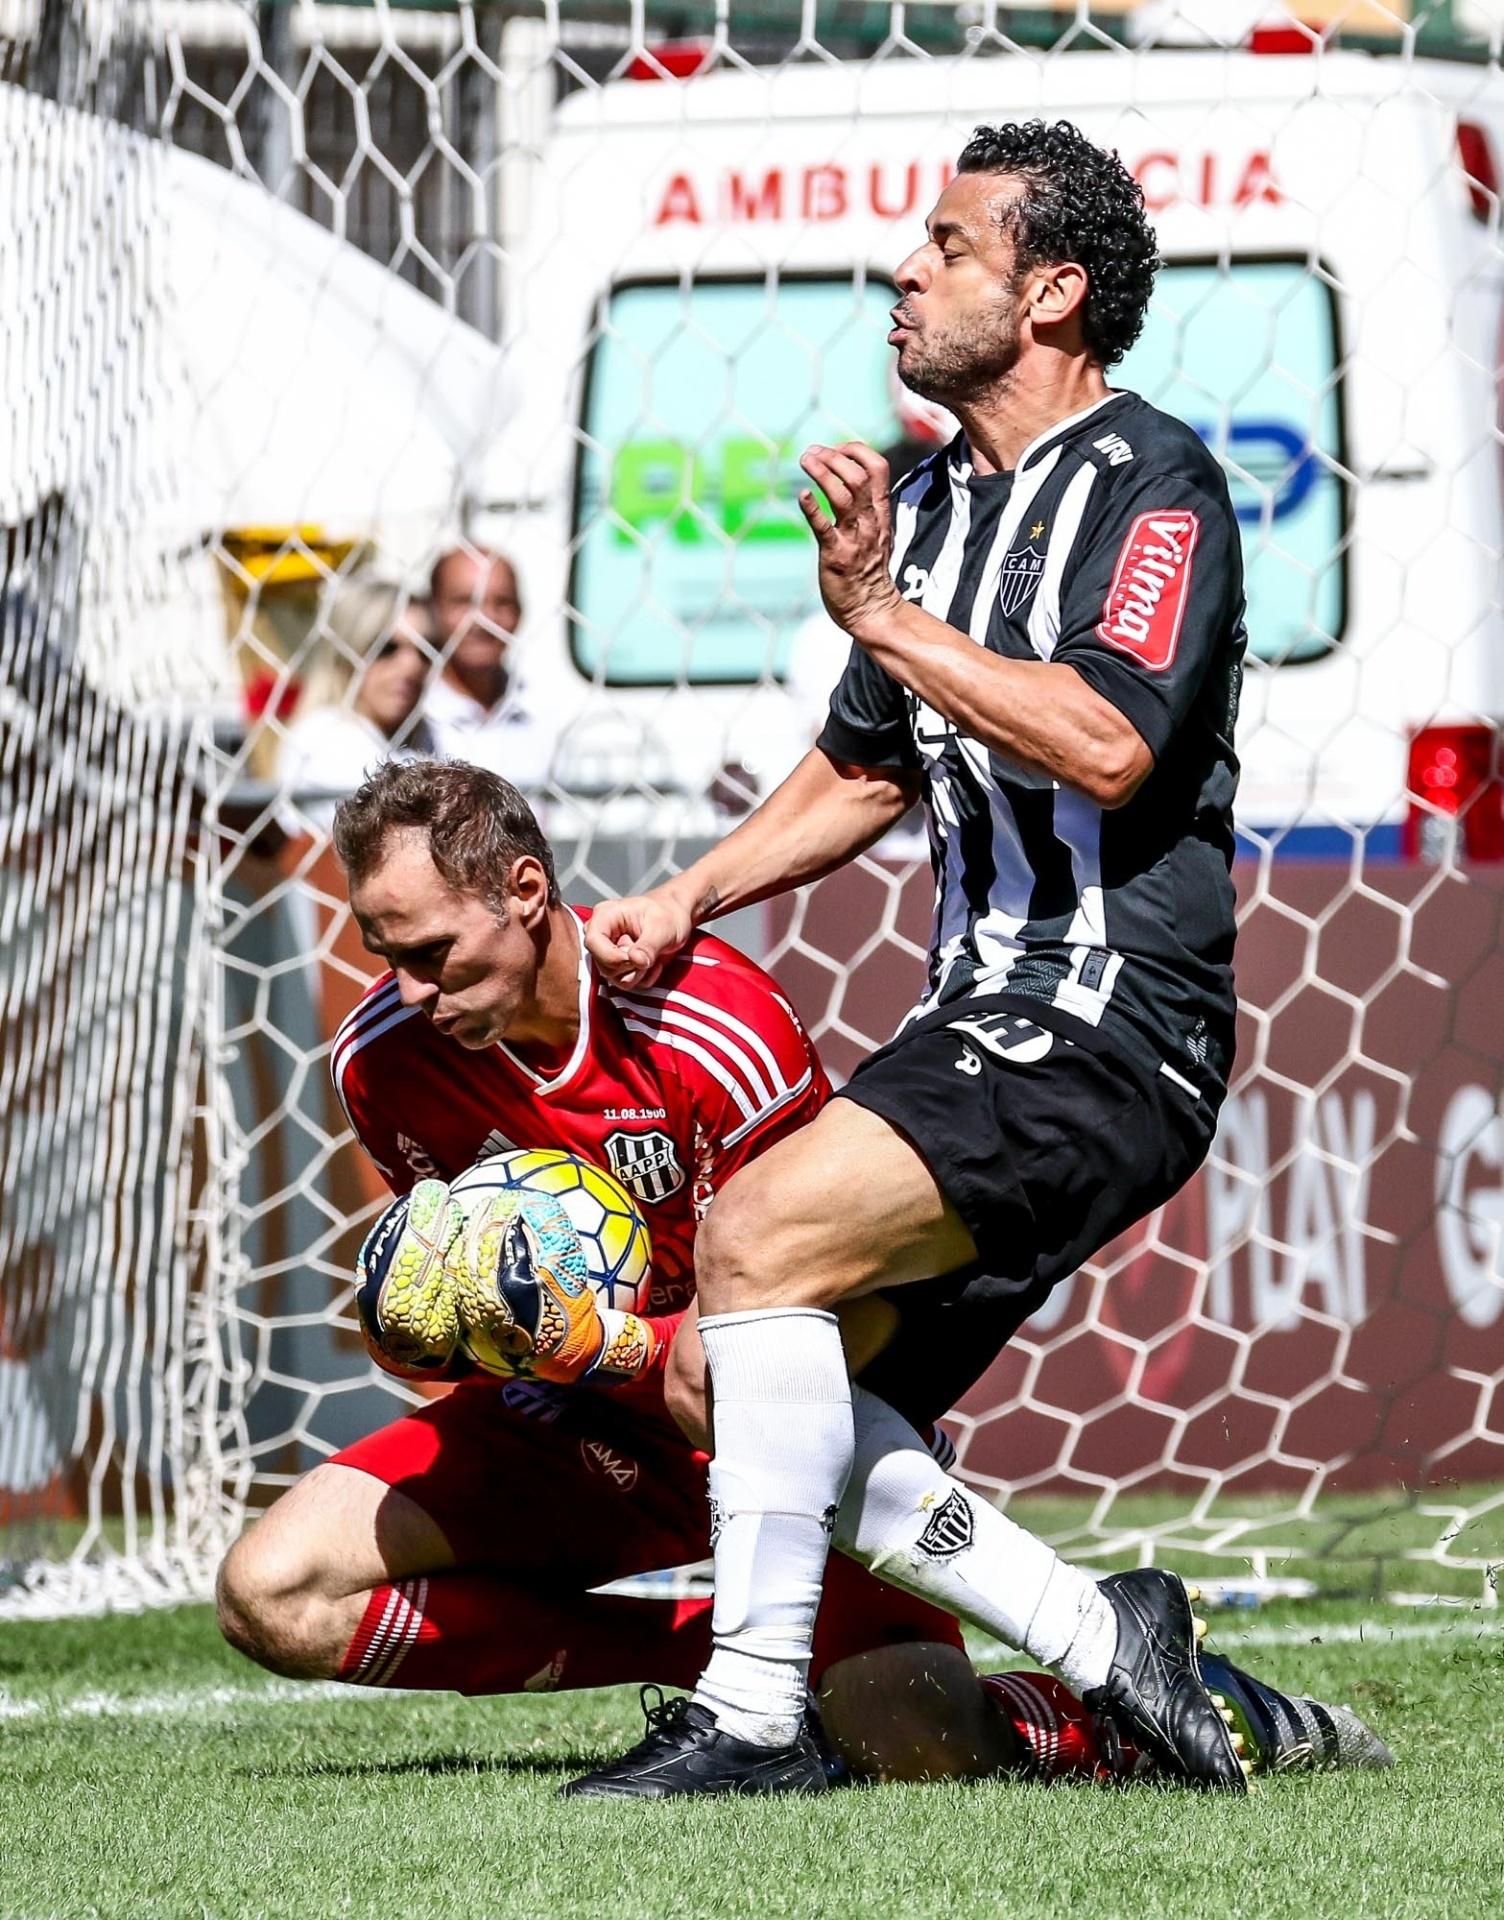 Fred disputa a bola com João Carlos, durante a partida entre Atlético-MG e Ponte Preta